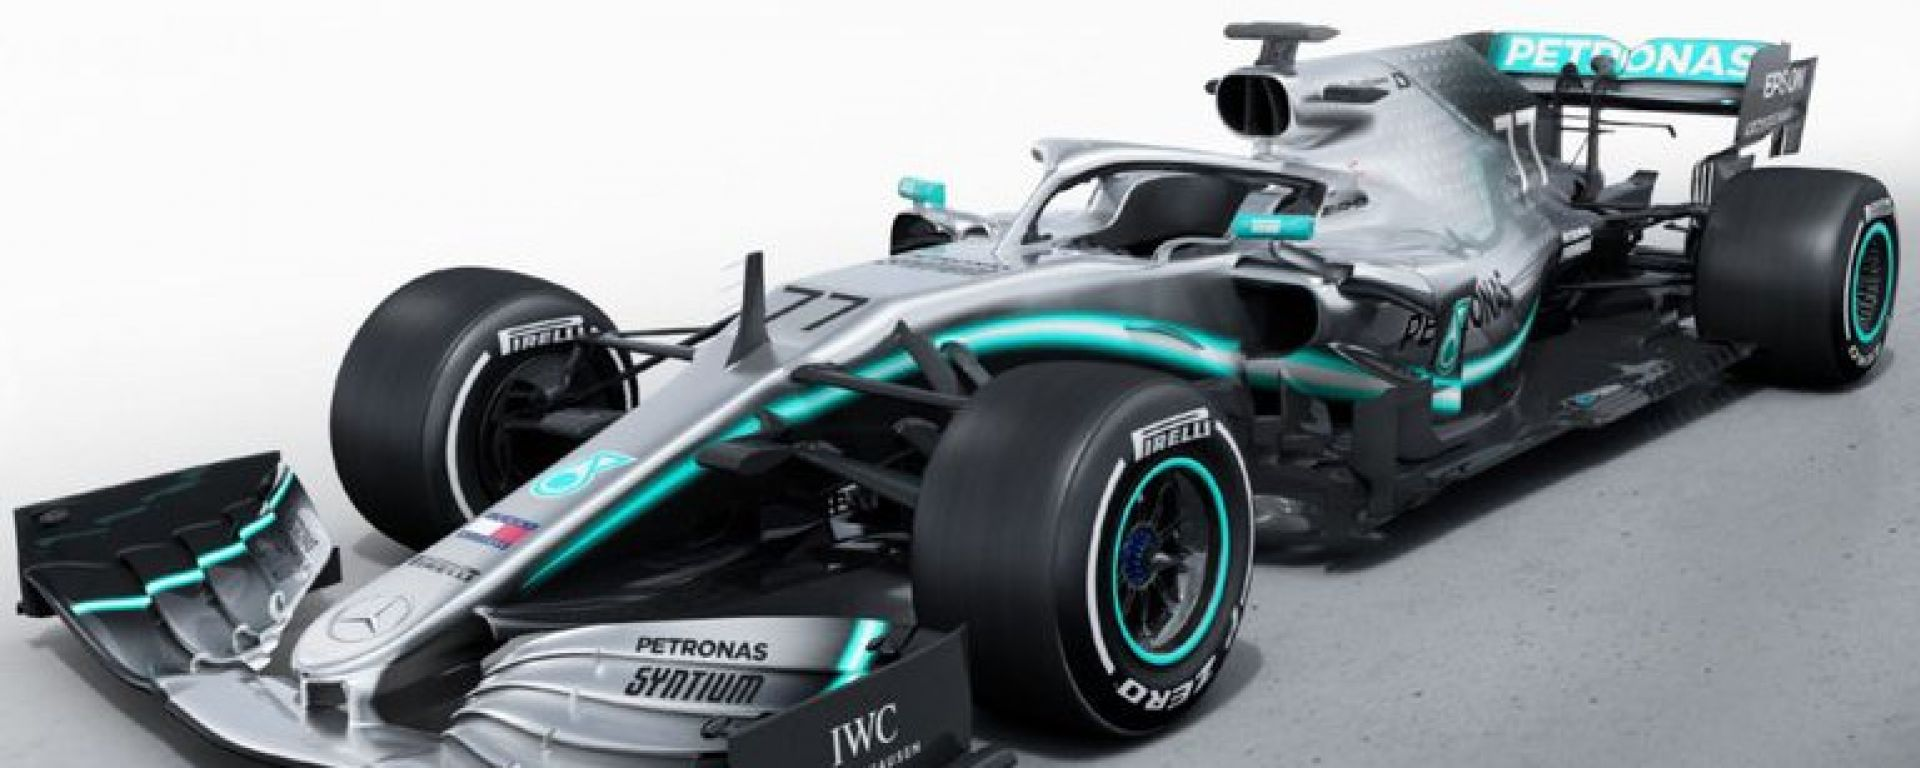 Presentata LIVE la nuova Mercedes W10. Video, gallery e dichiarazioni